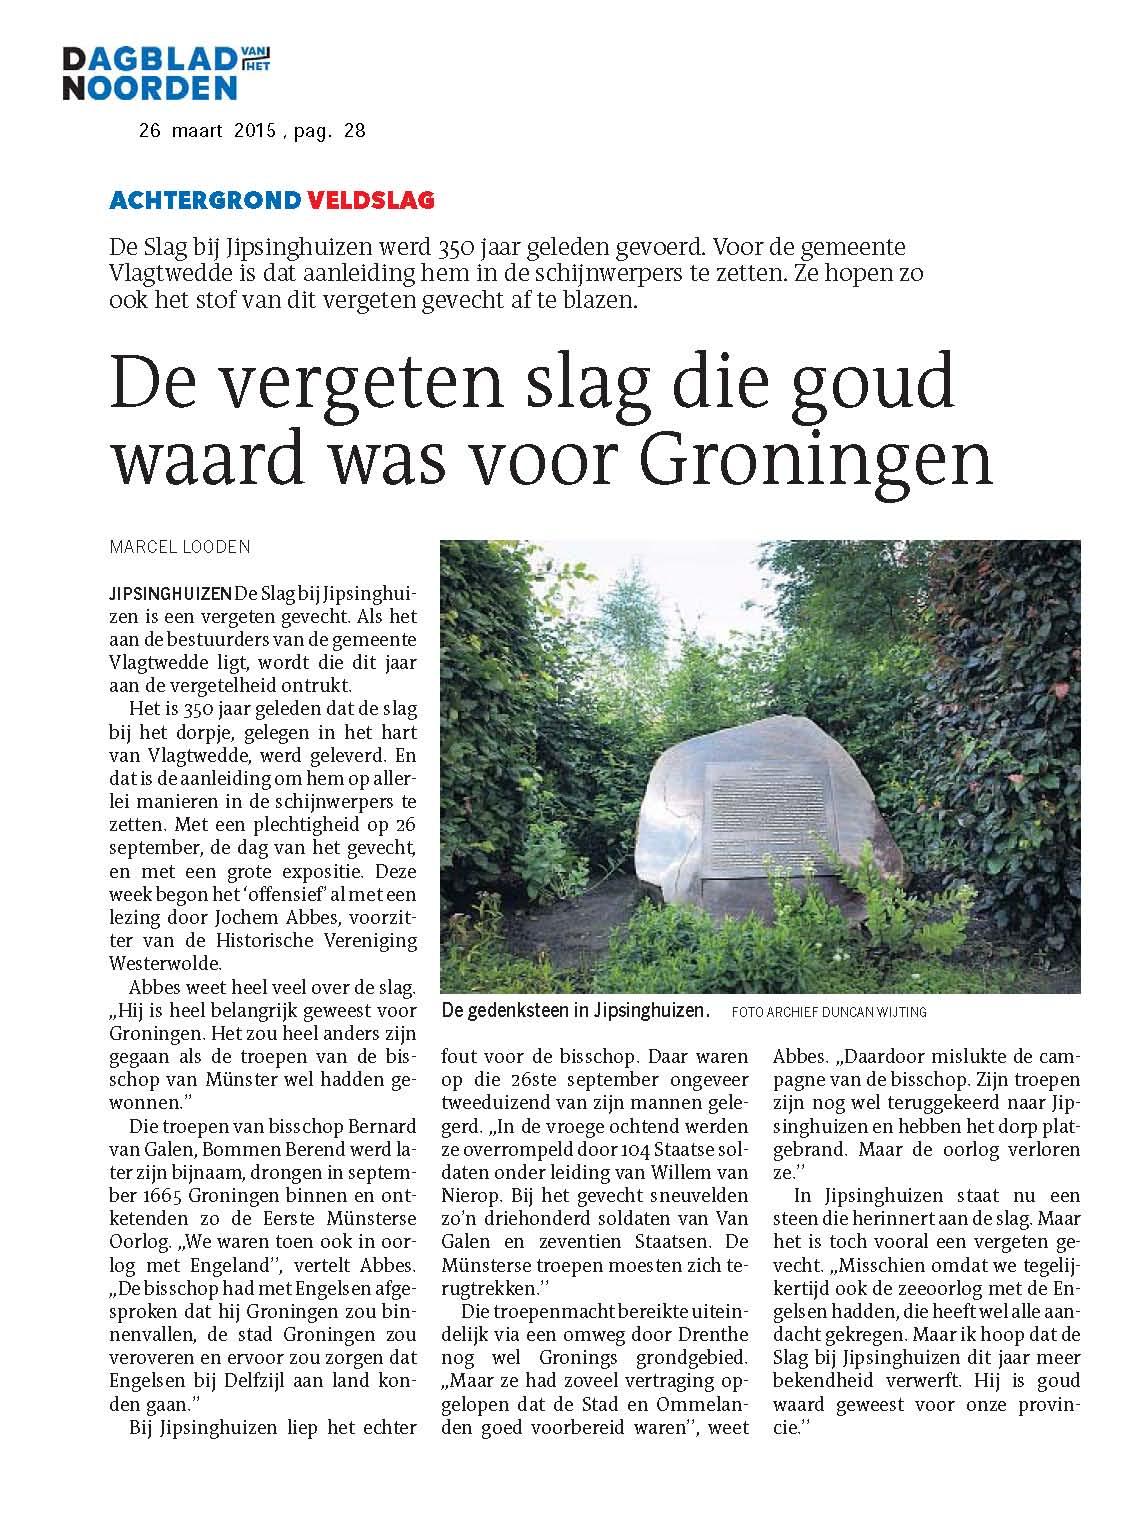 20150326 De vergeten slag die goud waard was voor Groningen